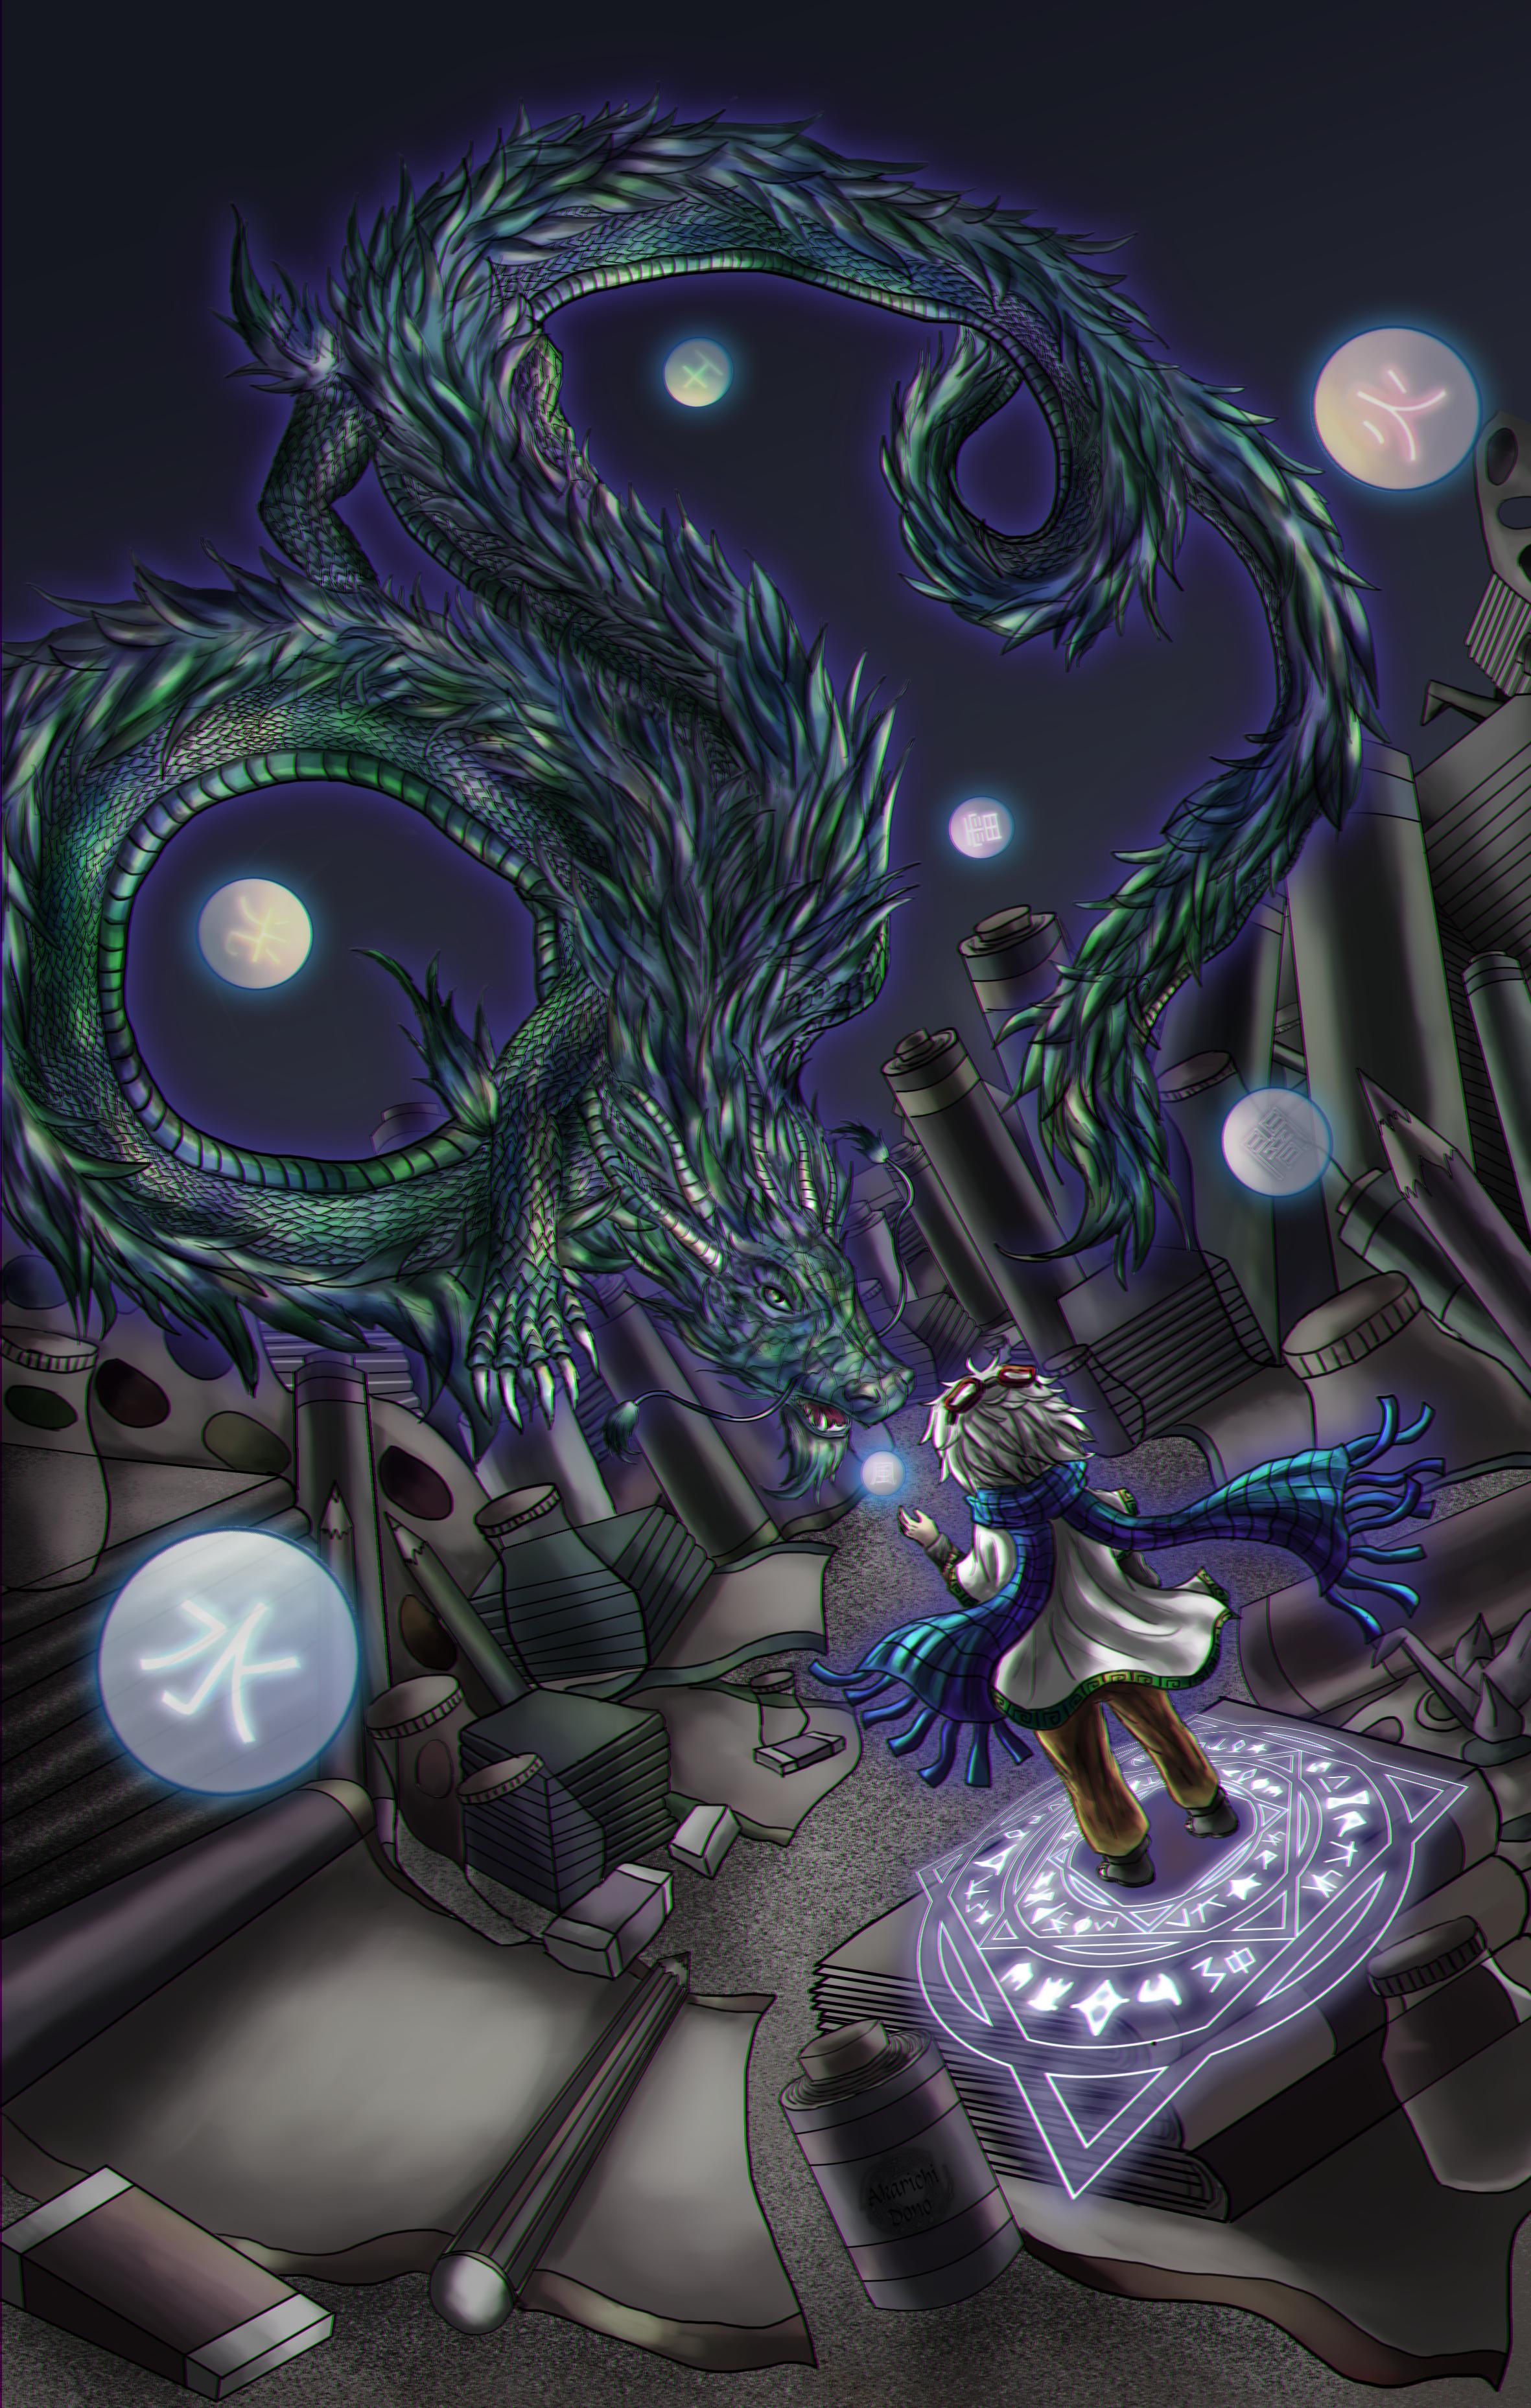 REFLICA-Silver Devil And Sky Dragon